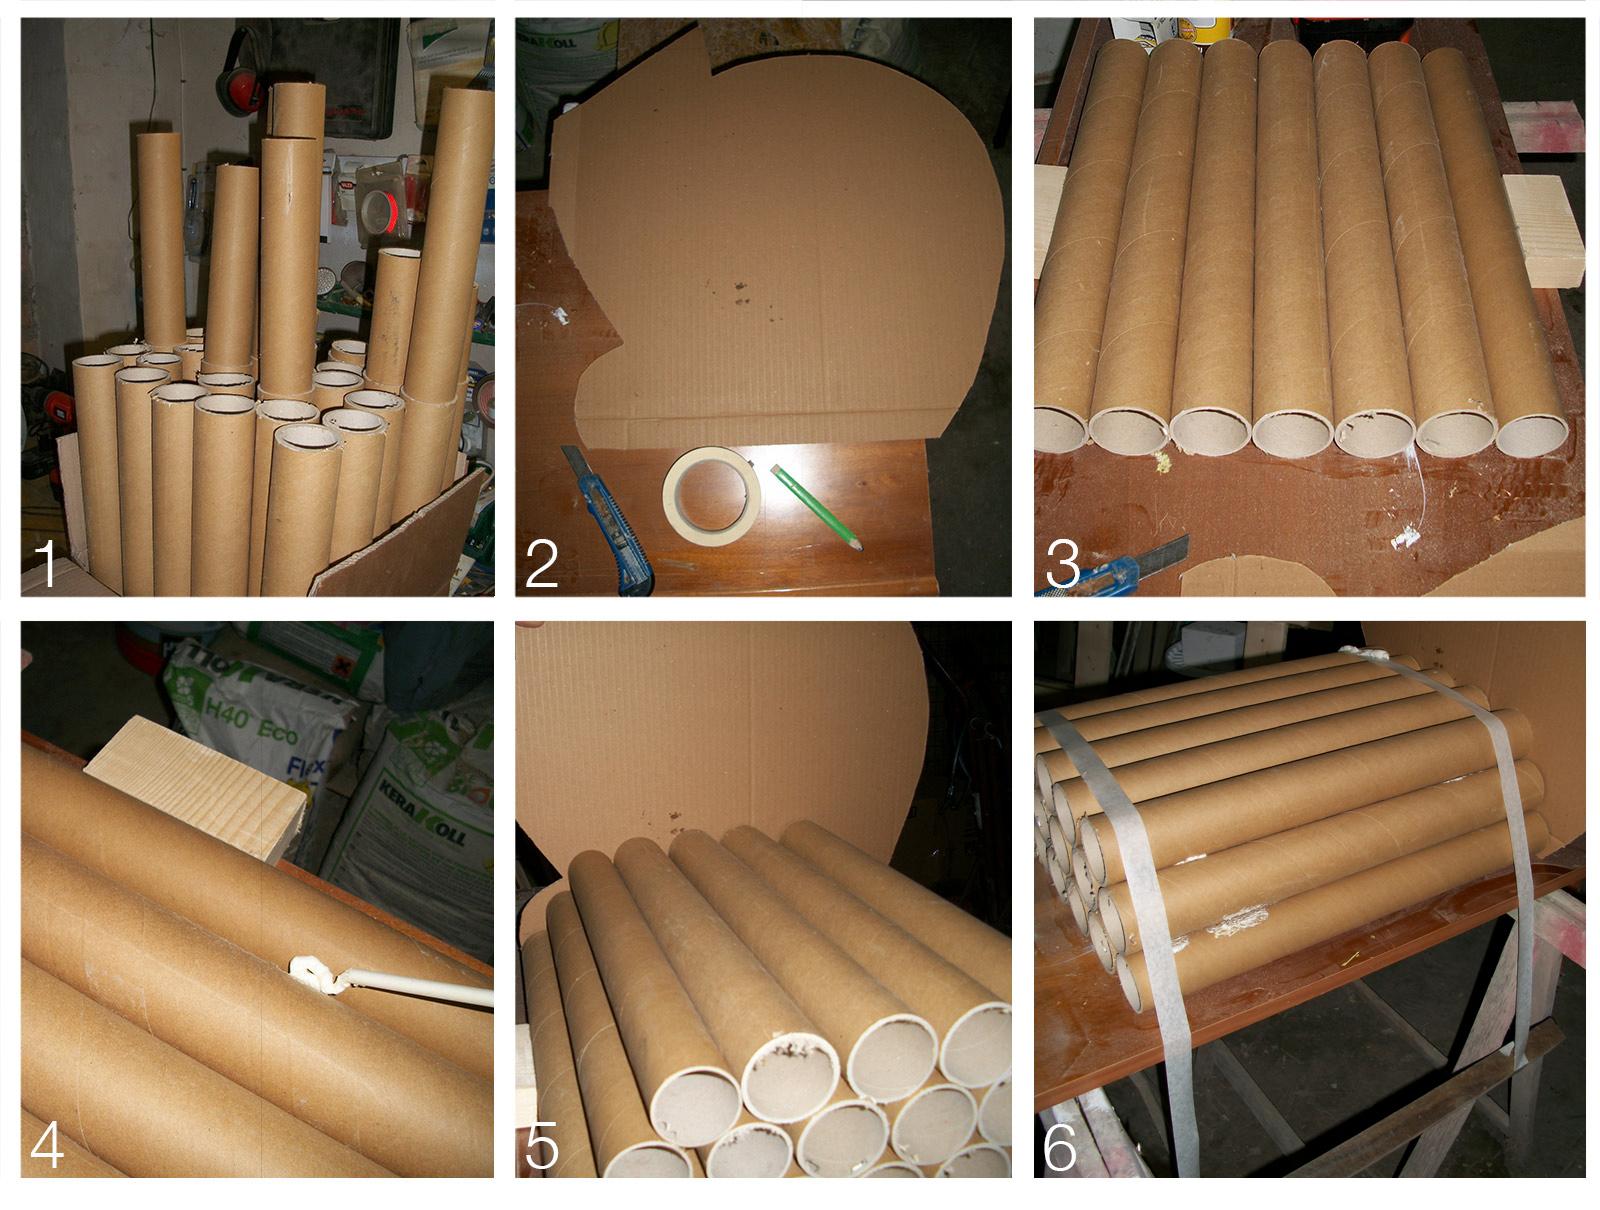 Famoso I molteplici ricicli realizzati da semplici tubi di cartone MD08